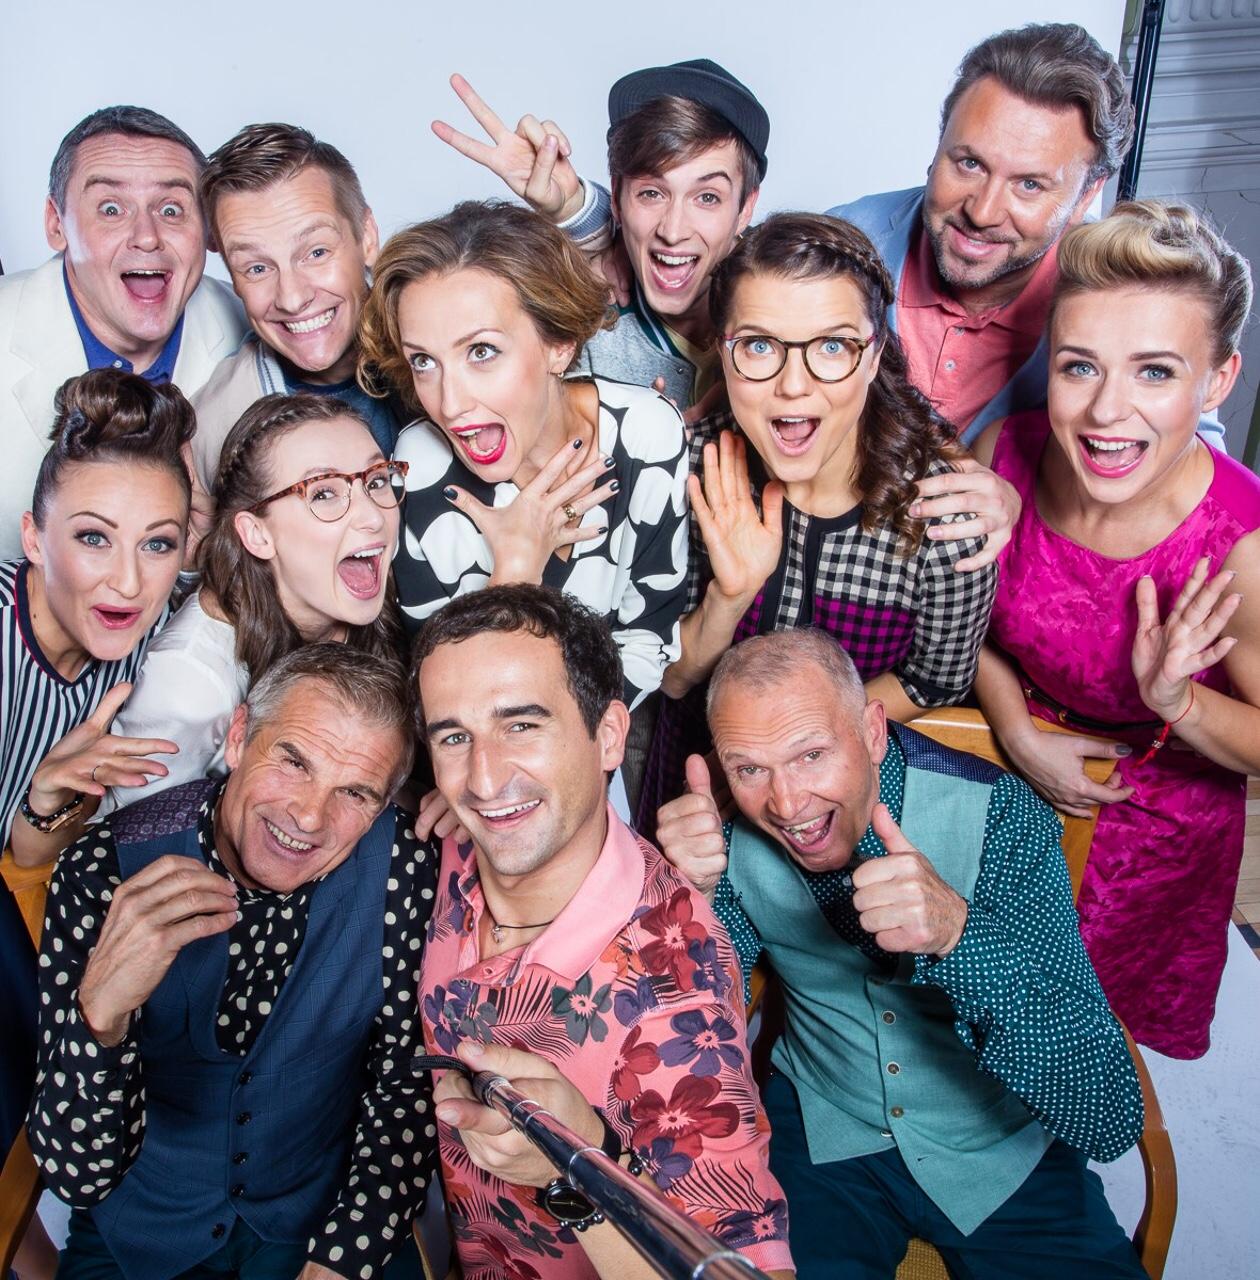 Mayday 2. Światowy hit w Olsztynie!